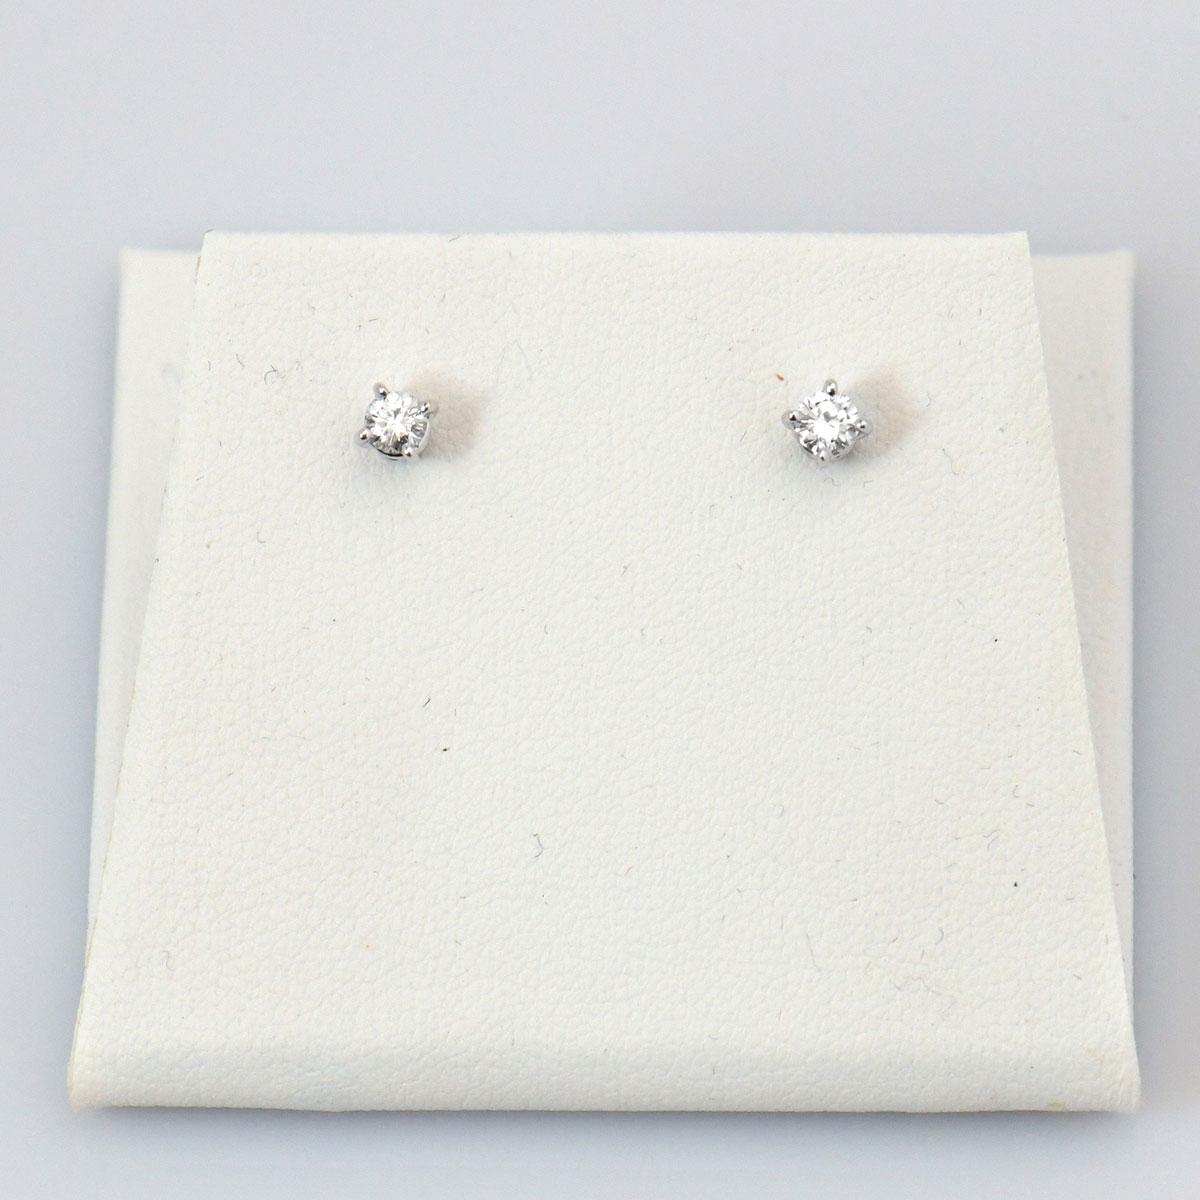 Clous d'Oreilles Solitaires Diamants • Bijou neuf | EVENOR Joaillerie